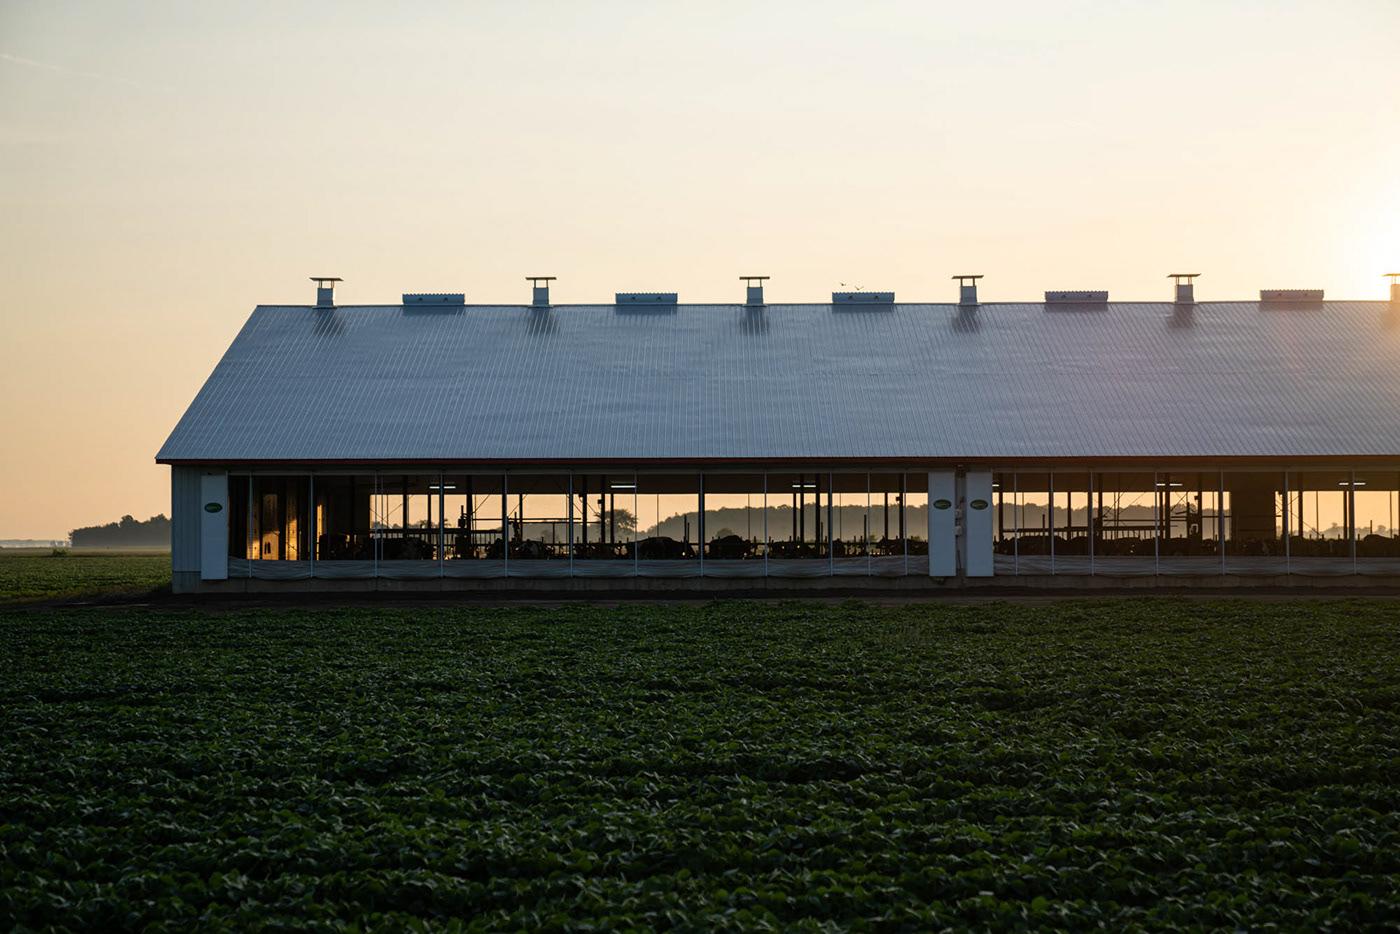 Sollio agriculture K72 Coop Quebec colorful farming farm ferme Canada